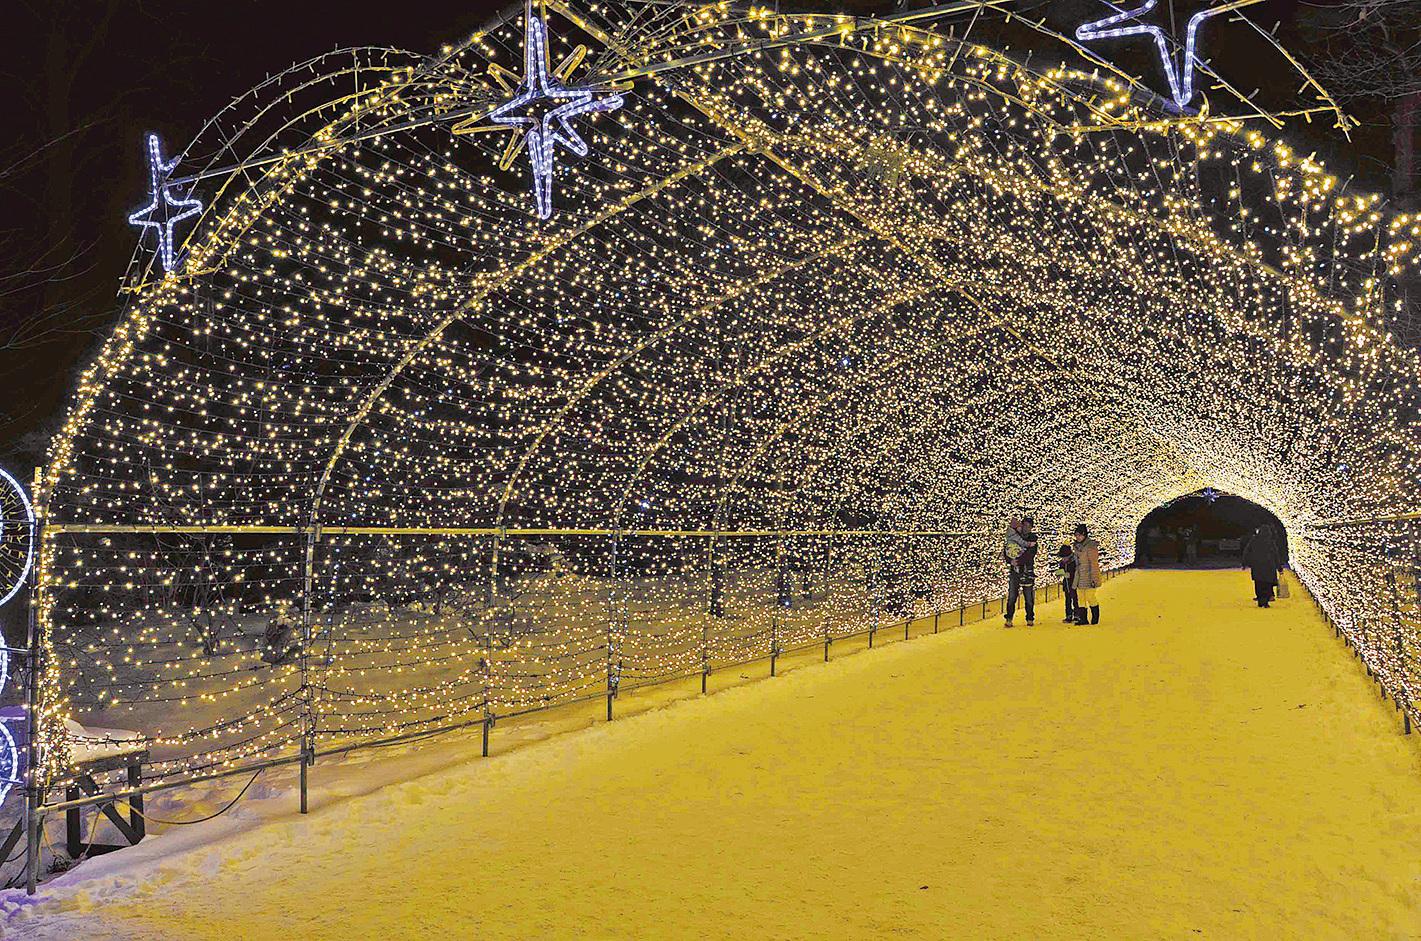 8萬個LED燈組成的燈光隧道。(倪君/大紀元)